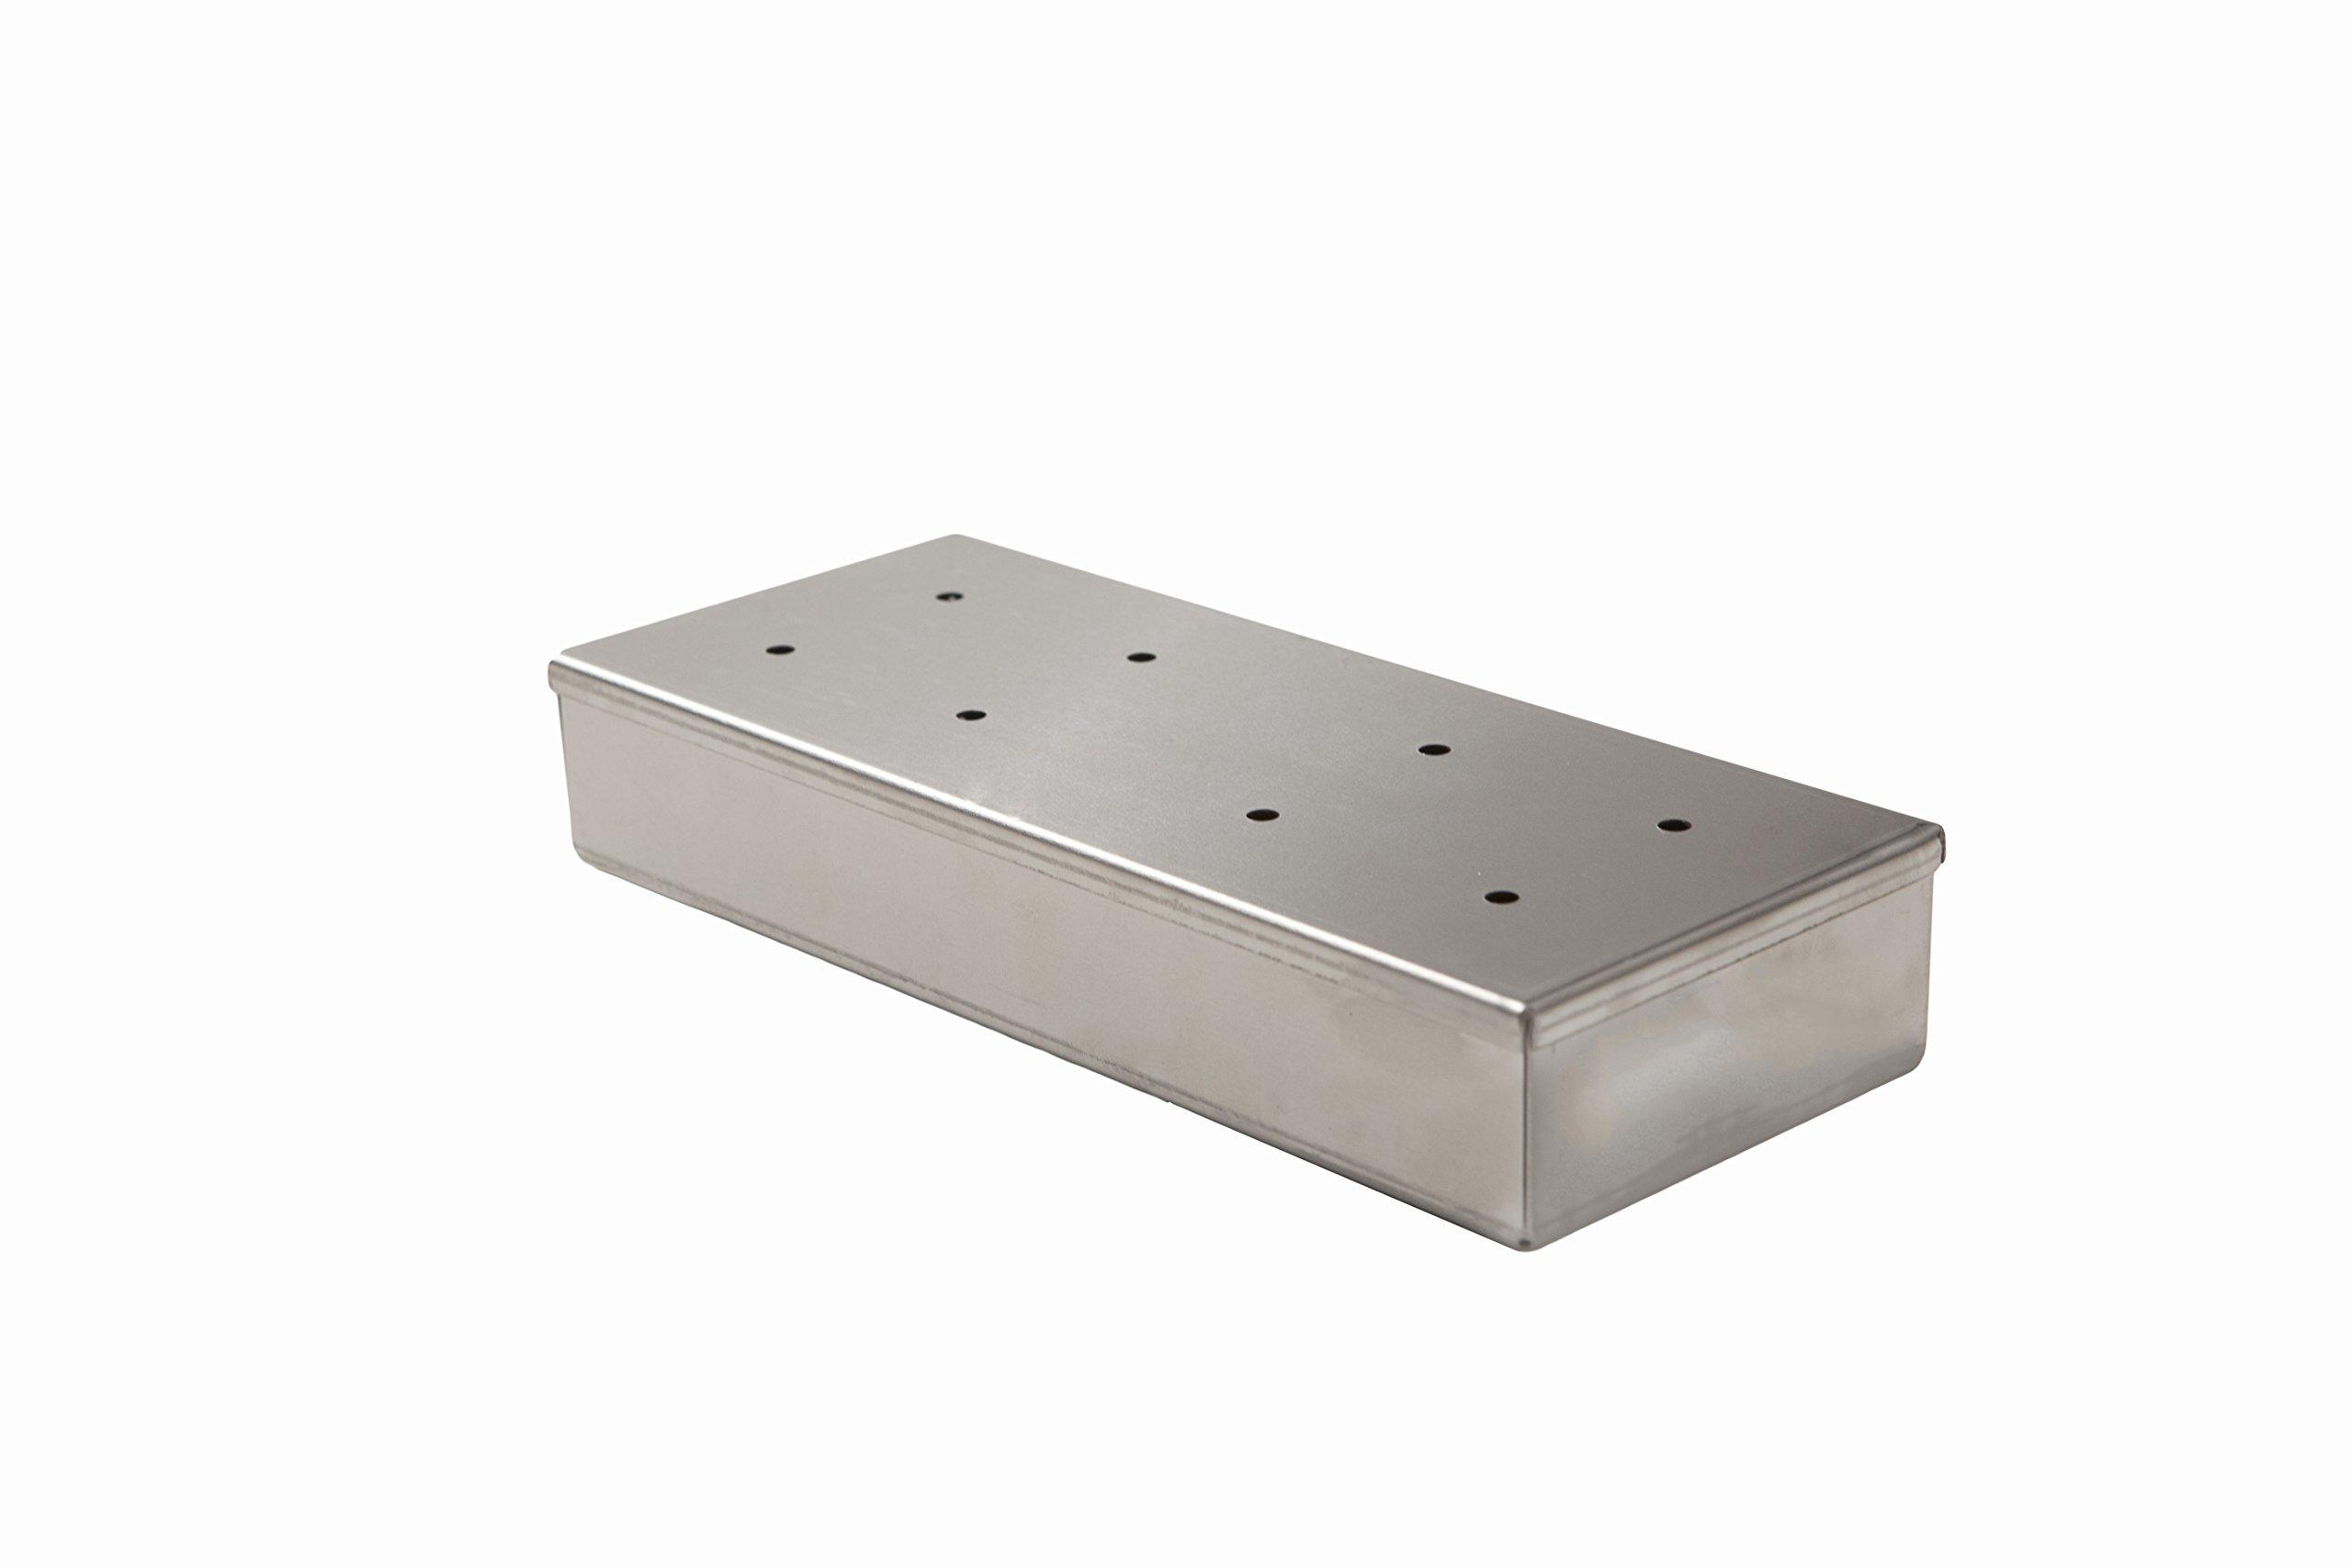 Coyote CSBX Smoker Box